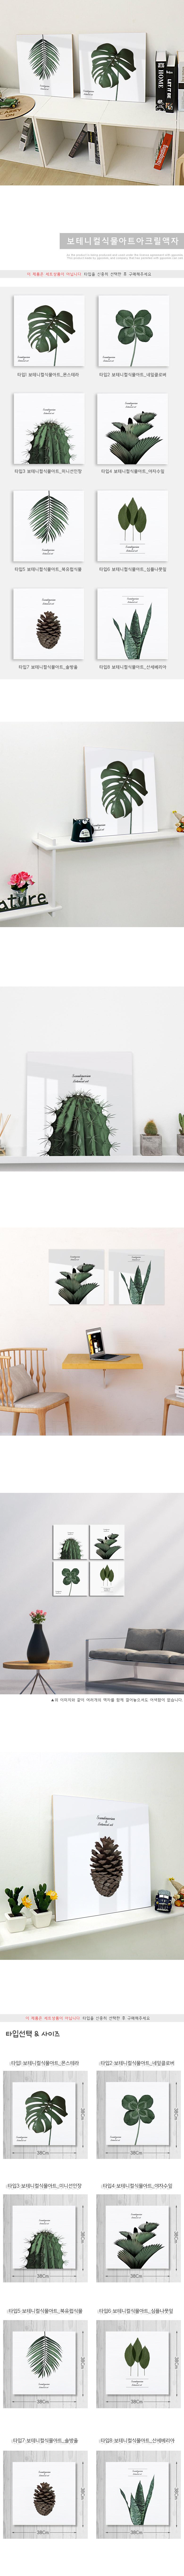 ik550-아크릴액자_아크릴액자_보테니컬식물아트 - 꾸밈, 22,400원, 홈갤러리, 보테니컬아트